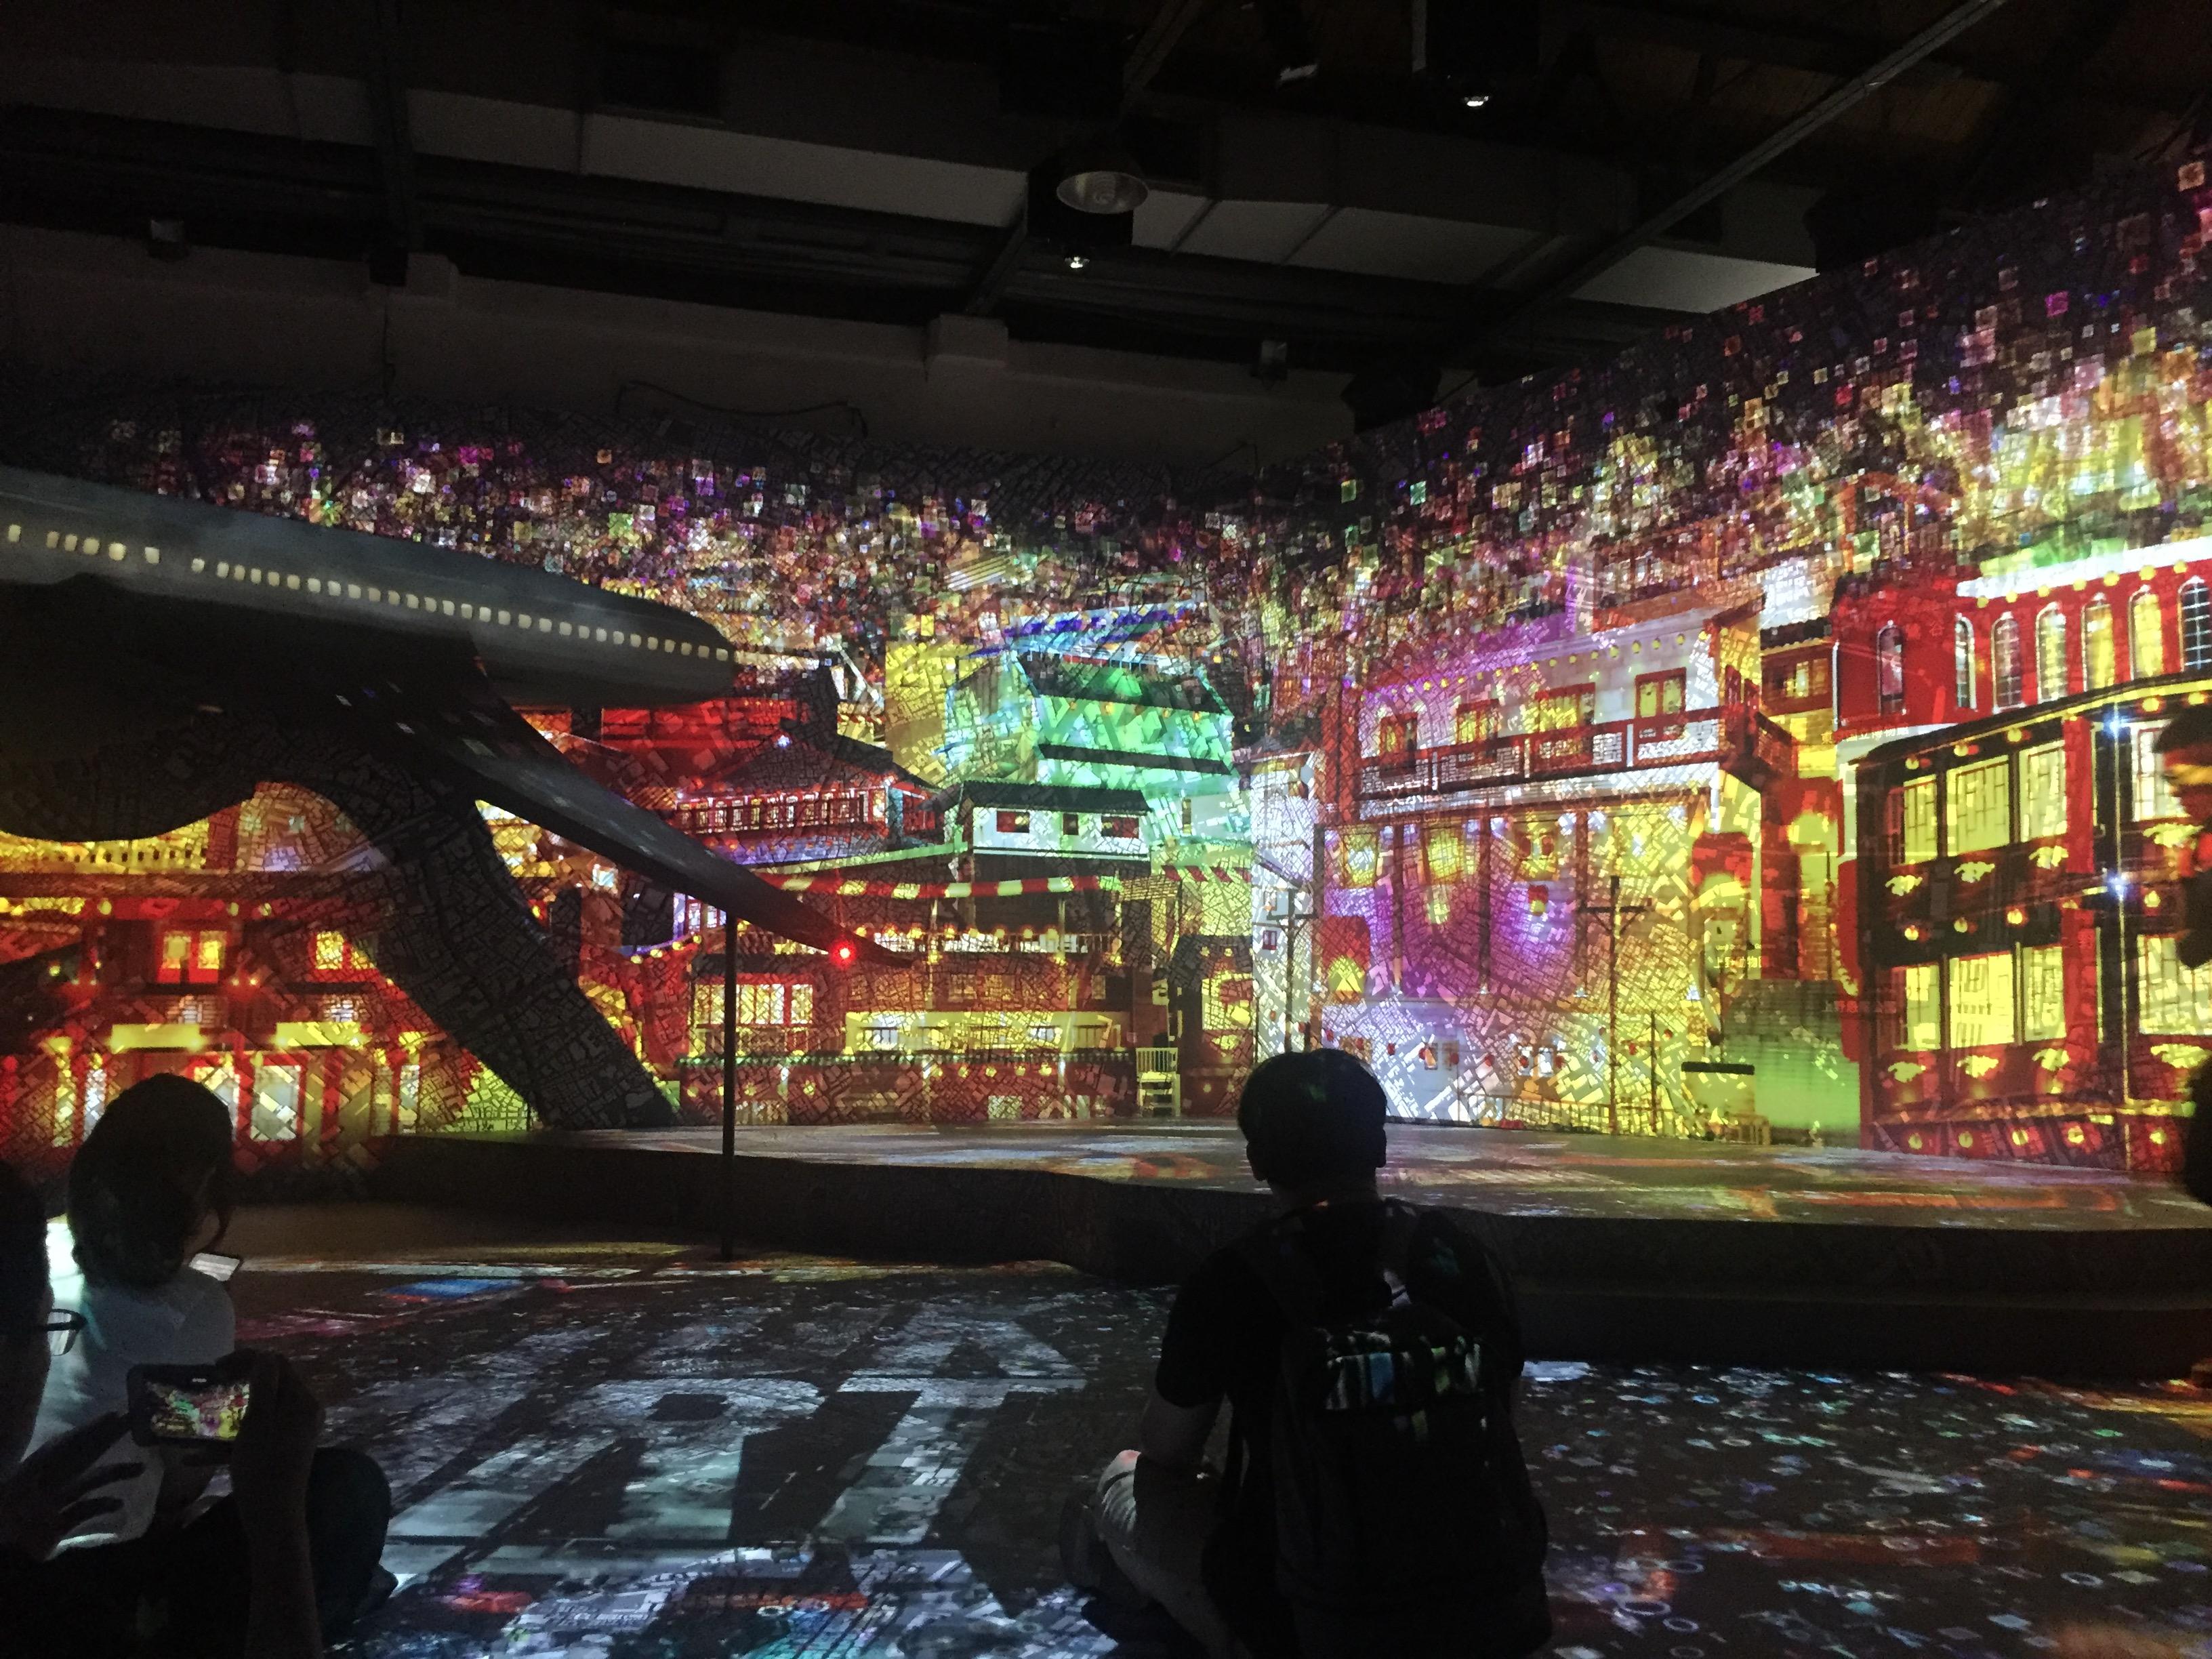 【光影東京】不只是網美展覽,還是沈浸式藝術體驗 – 淺談「光影東京特展」